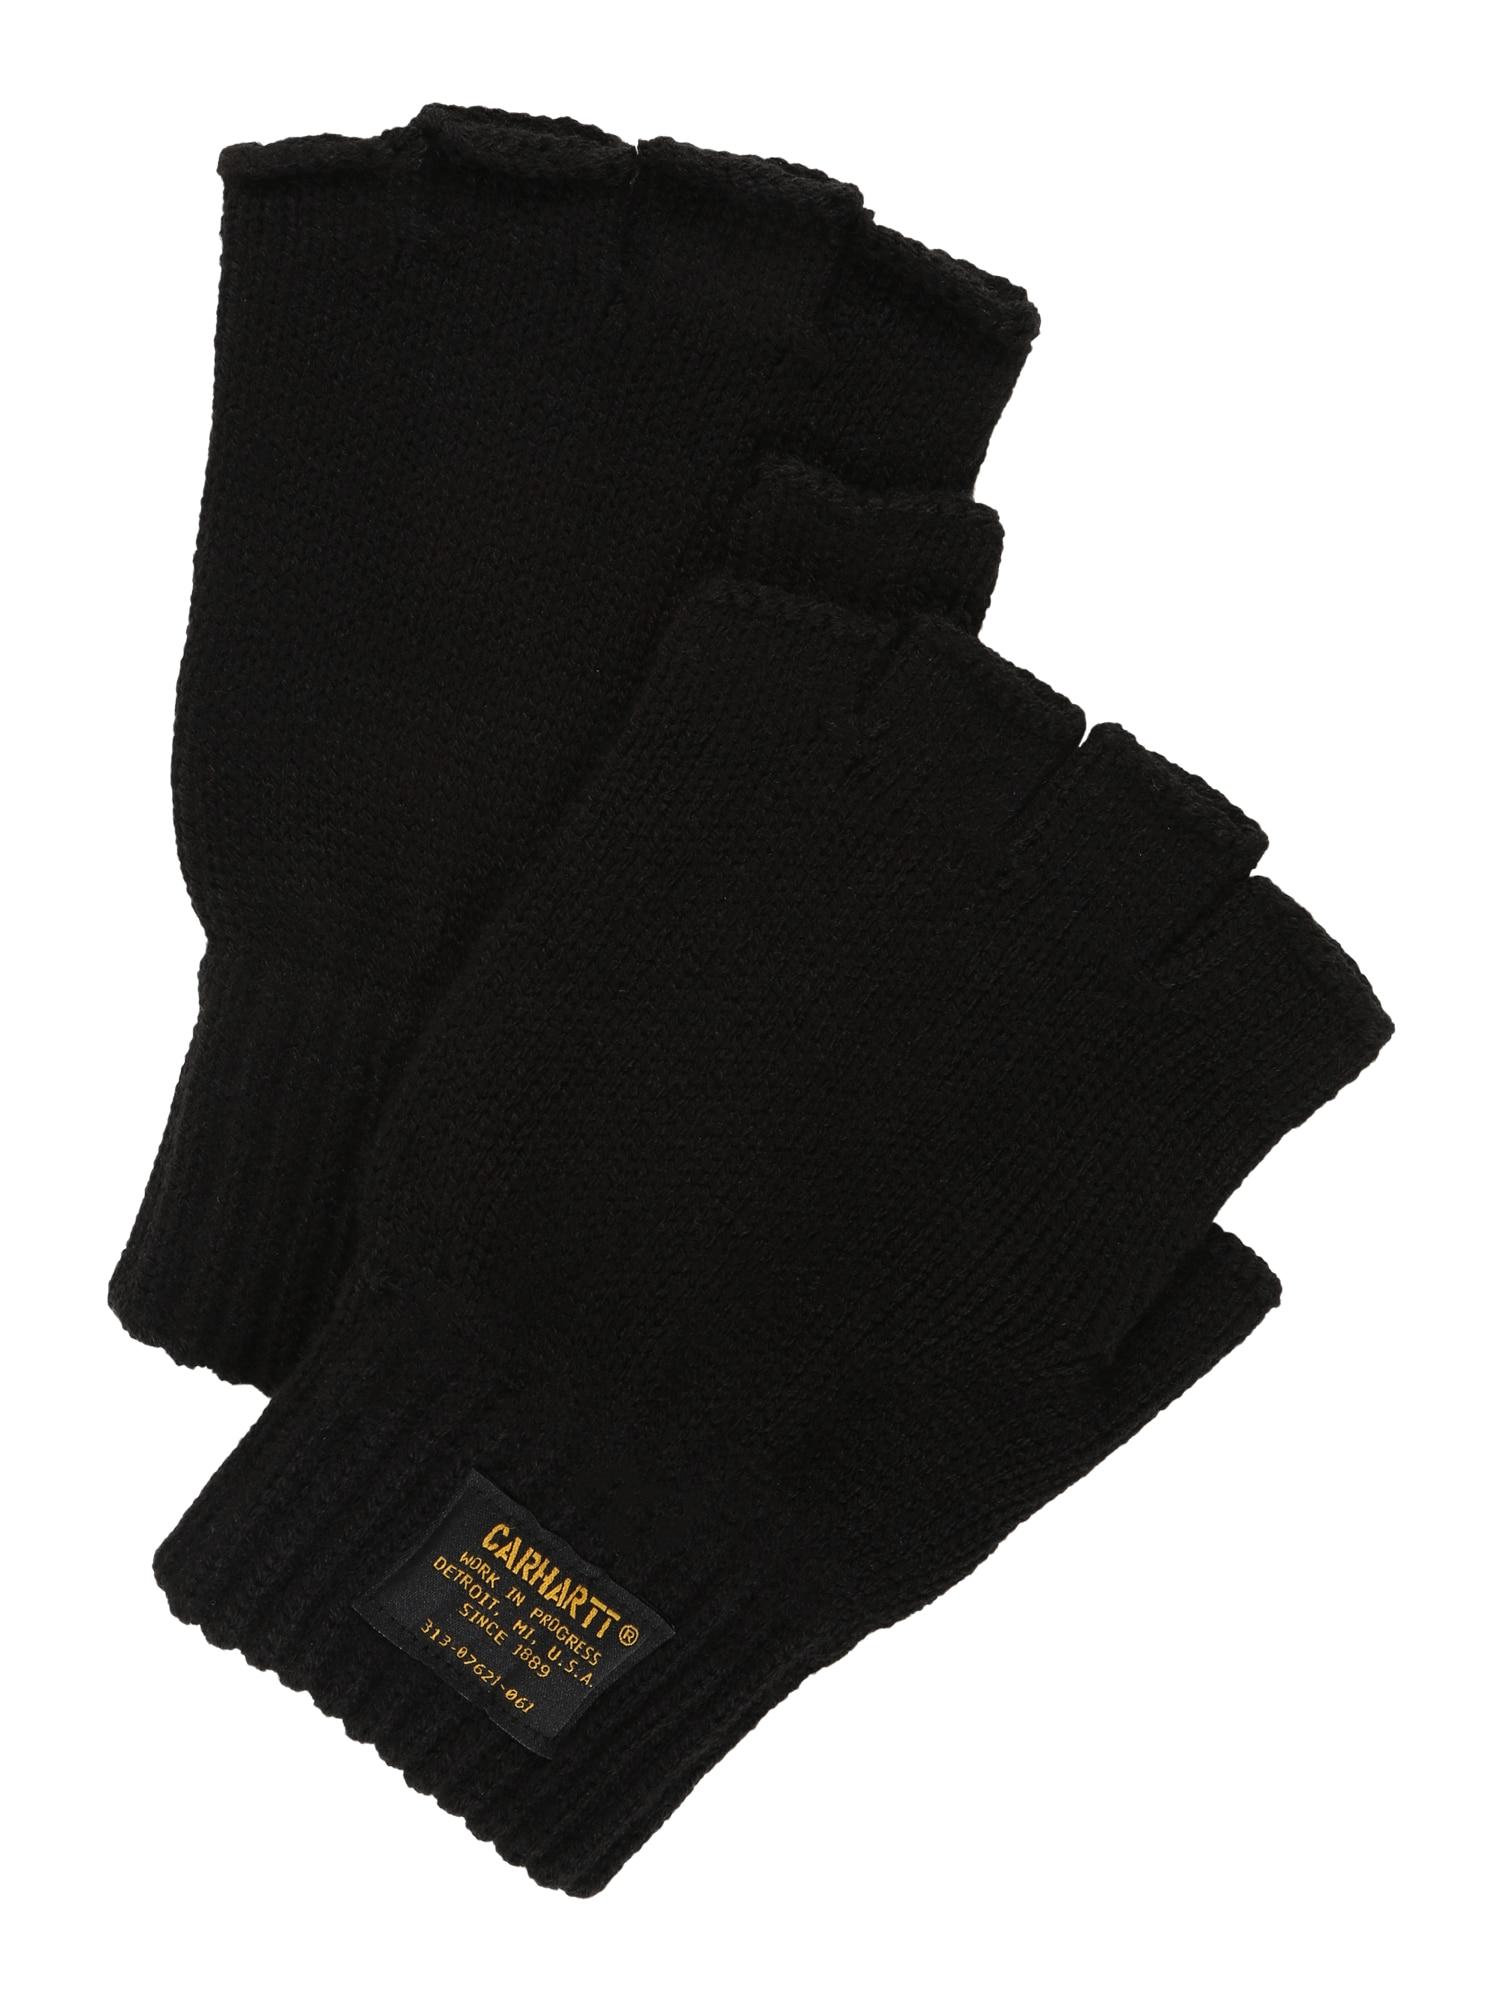 Carhartt WIP Rövid ujjú kesztyű 'Military Mitten'  fekete